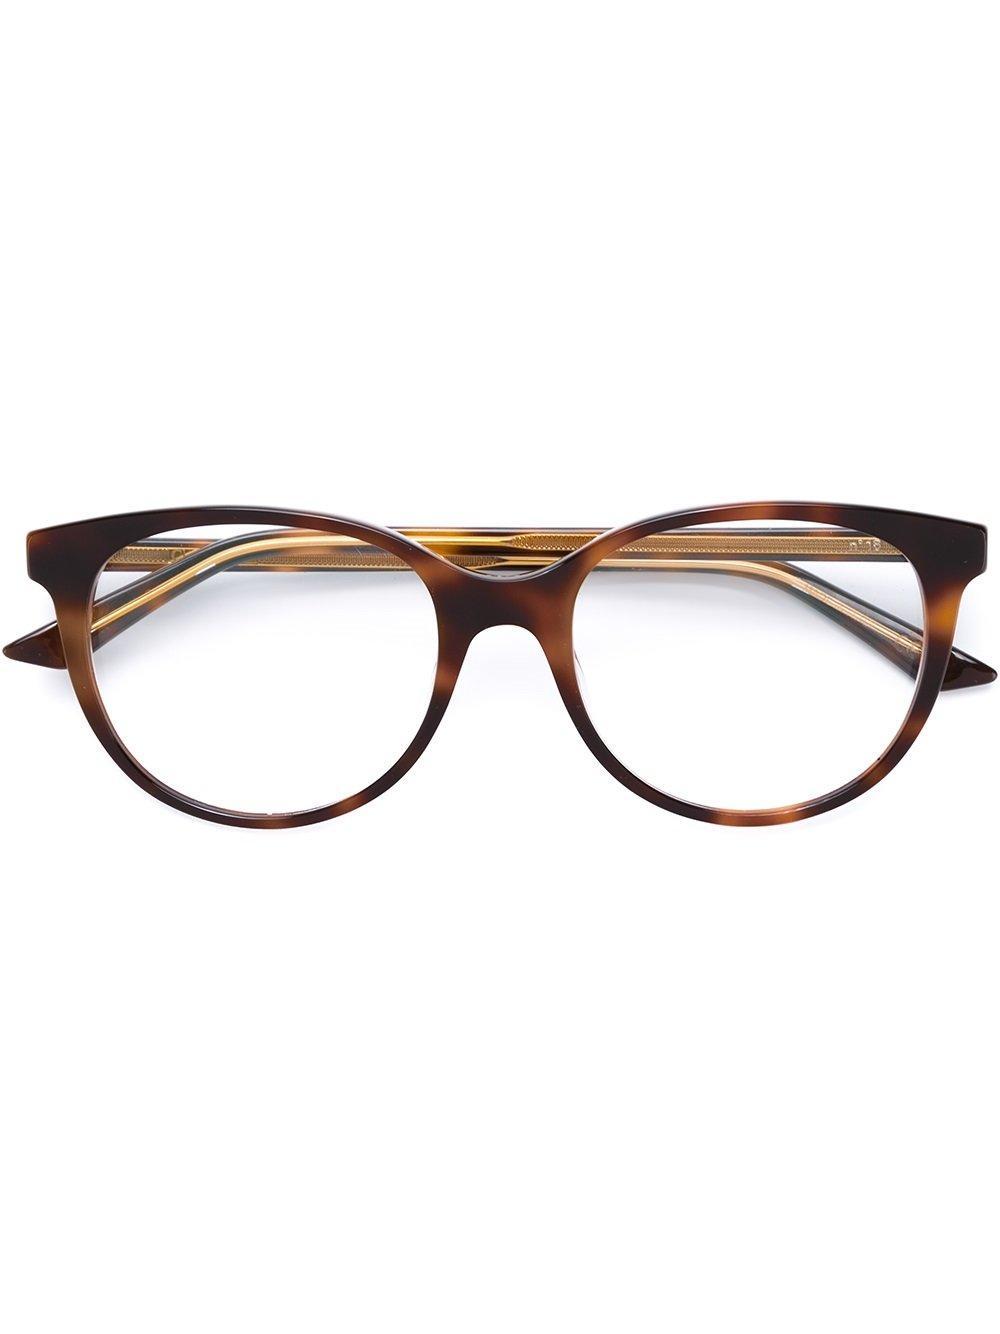 Dior Brille Mit Rundgestell In Brown